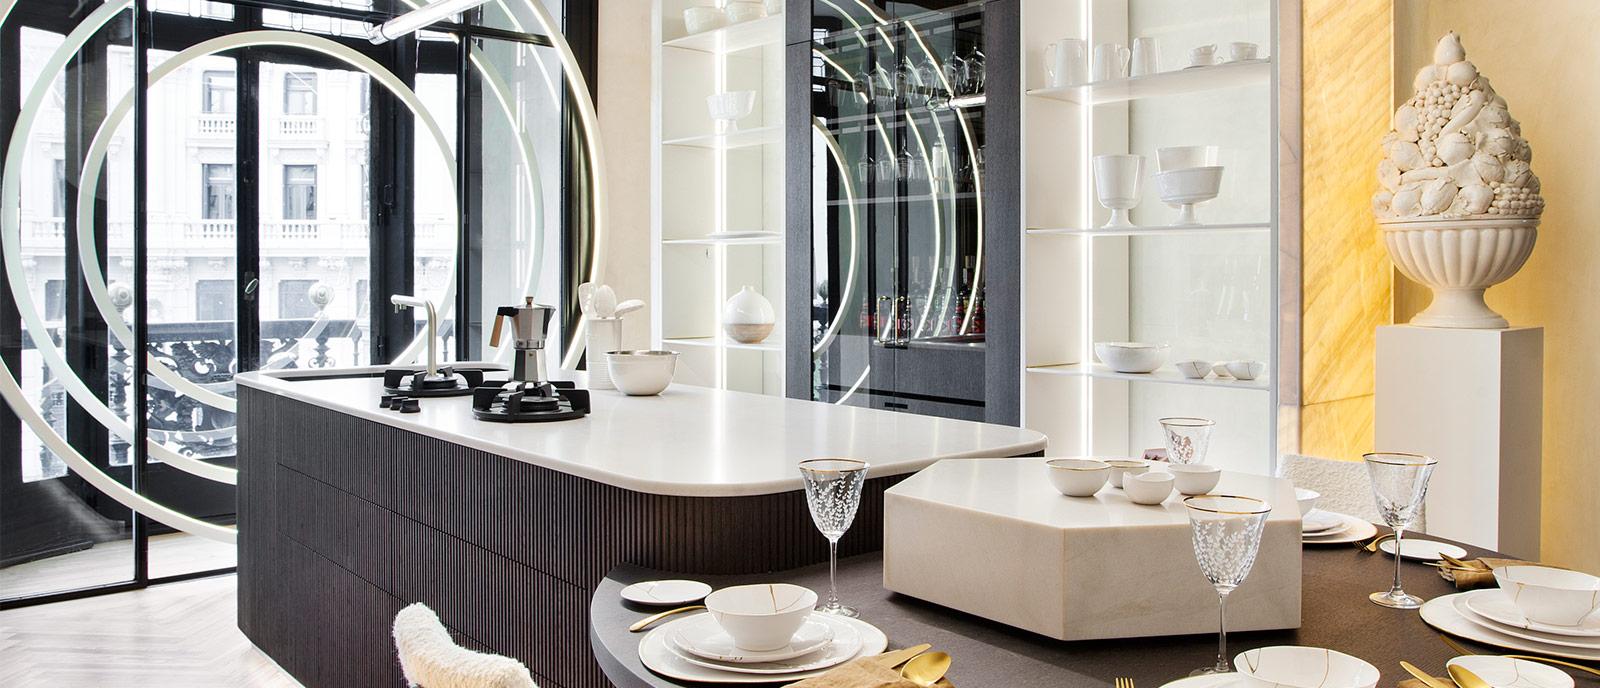 Casa Decor 2021: Espacios elegantes de Diseñadores de Interiores lujuosos casa decor 2021 Casa Decor 2021: Espacios elegantes de Diseñadores de Interiores lujuosos 13